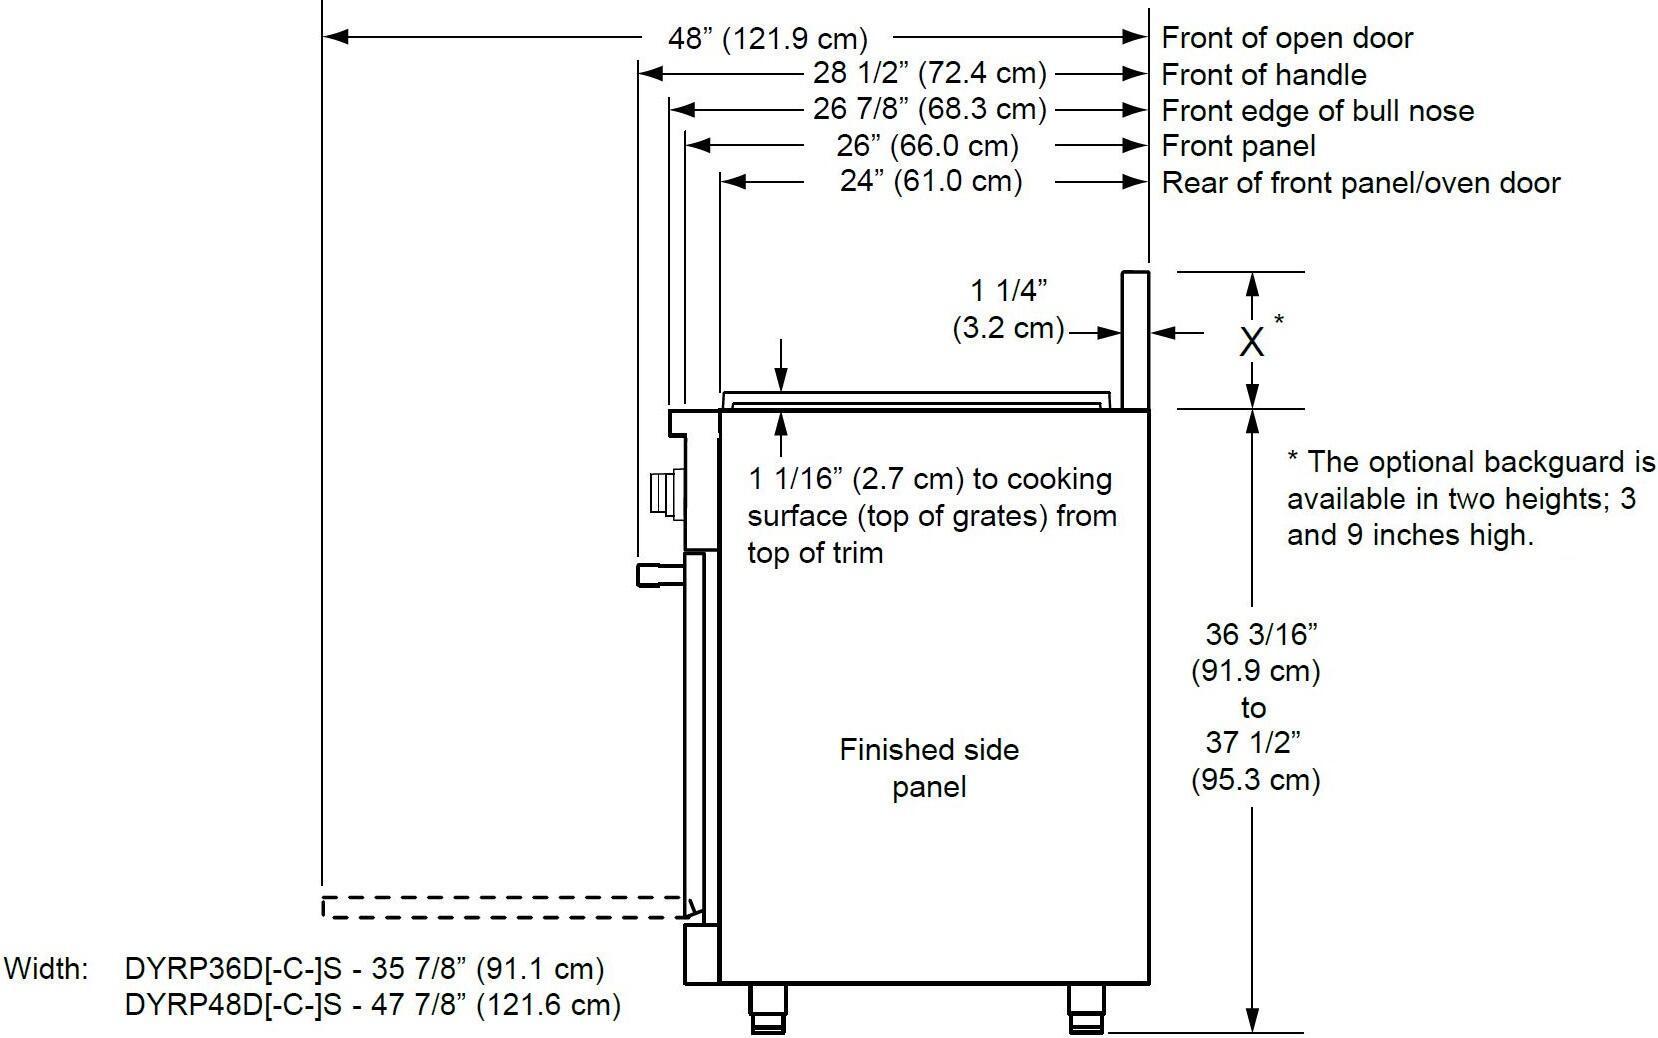 Dacor Dyrp36dslph 36 Inch Renaissance Series Stainless Steel Slide Wiring Diagram For Oven 5